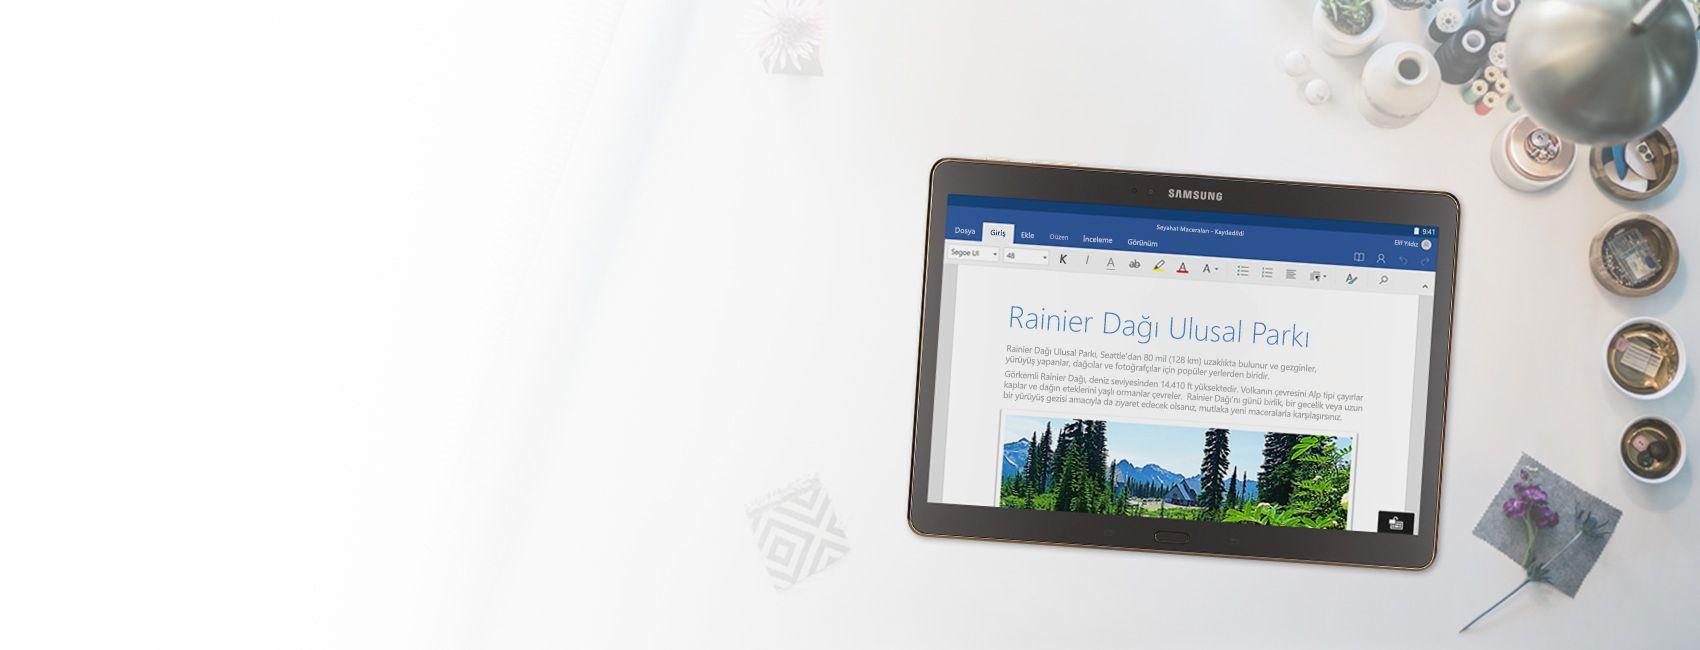 Mount Rainier Ulusal Parkı hakkında bir Word belgesi görüntülenen tablet